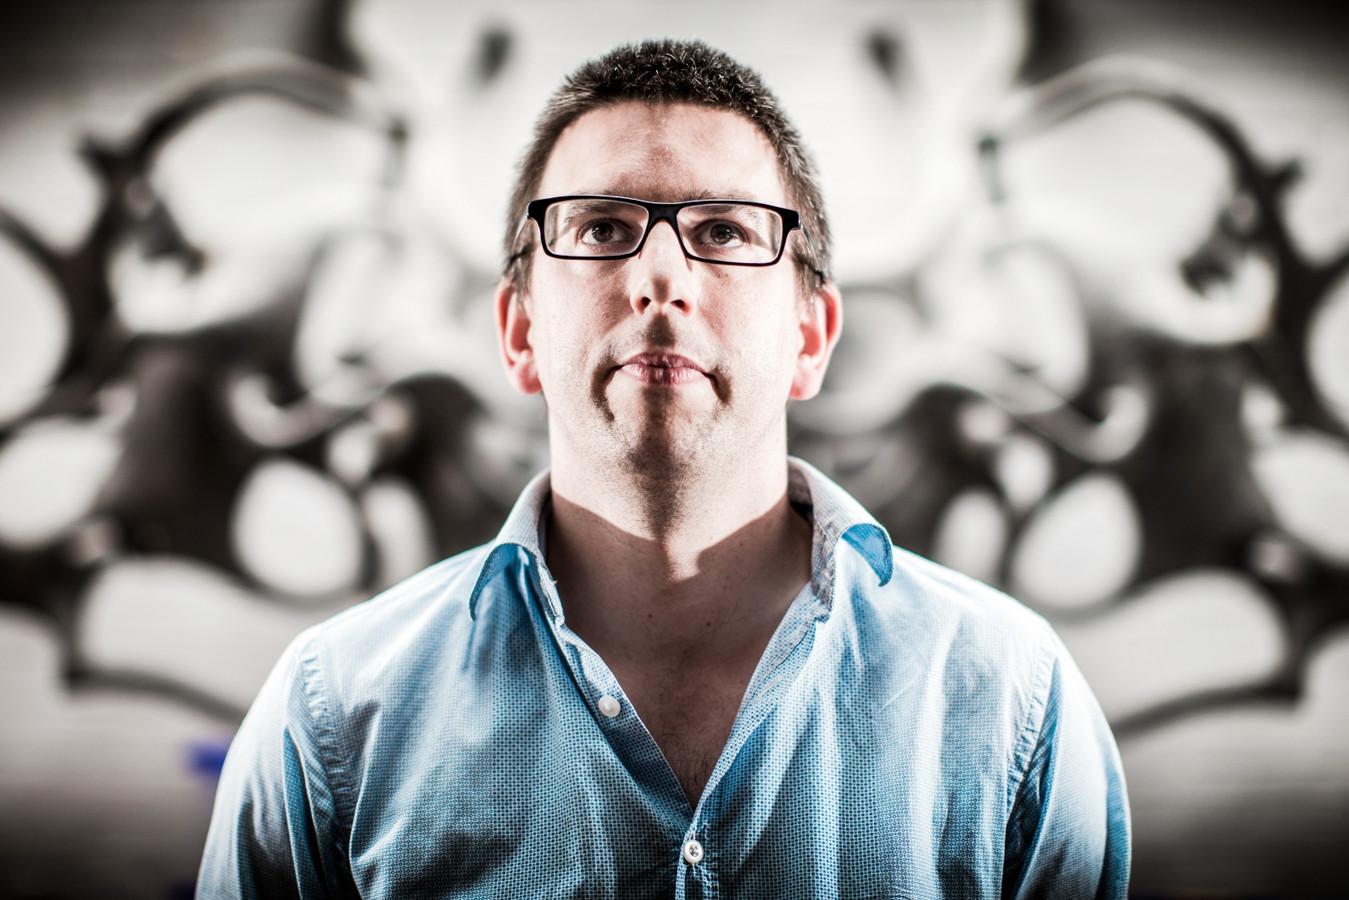 Nick Ervinck, FOTO STUDIO NICK ERVINCK